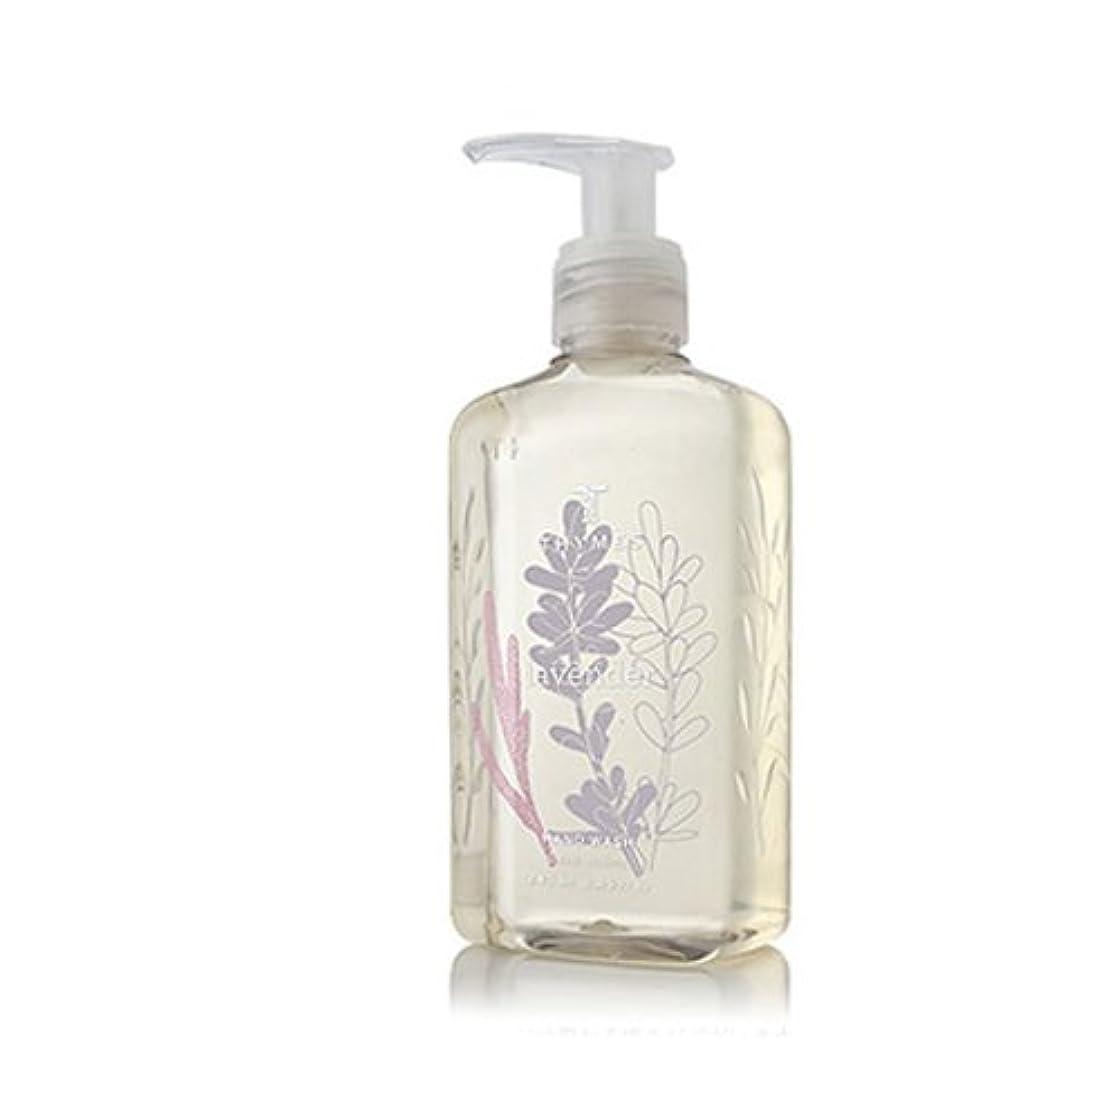 共産主義者因子余韻THYMES タイムズ ハンドウォッシュ 240ml ラベンダー Hand Wash 8.25 fl oz Lavender [並行輸入品]